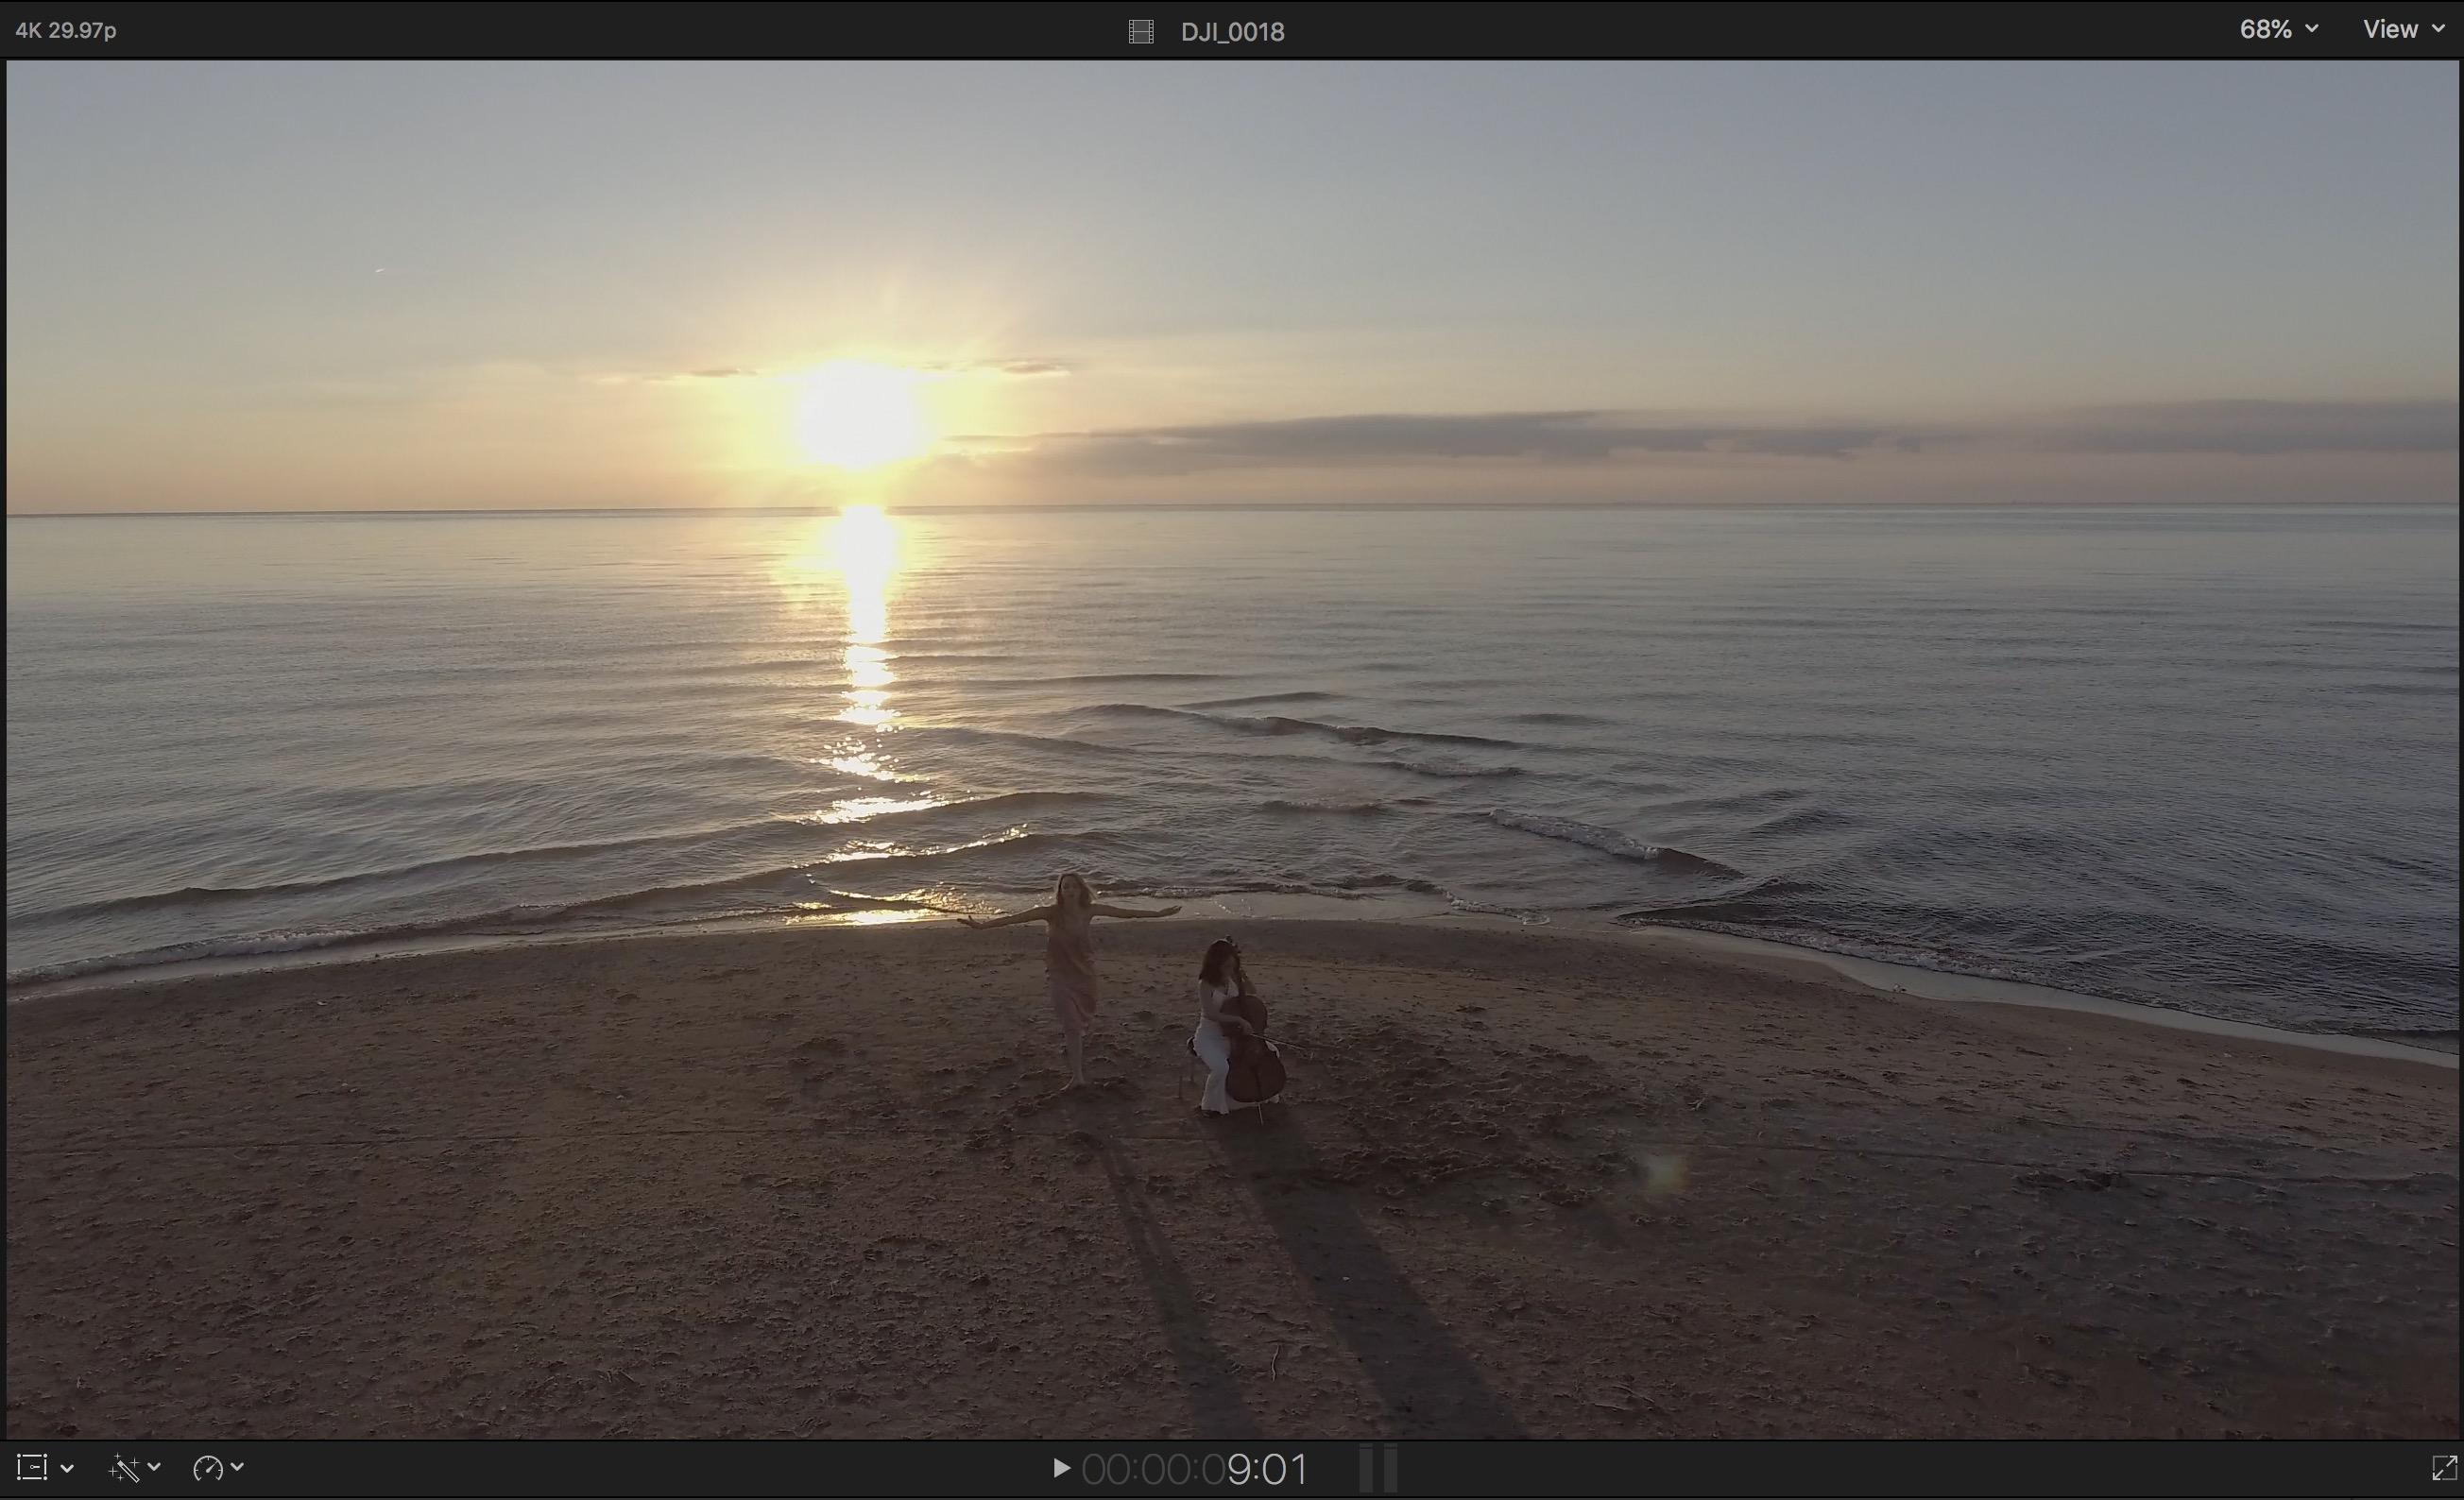 Screen Shot 2018-09-26 at 7.10.57 PM